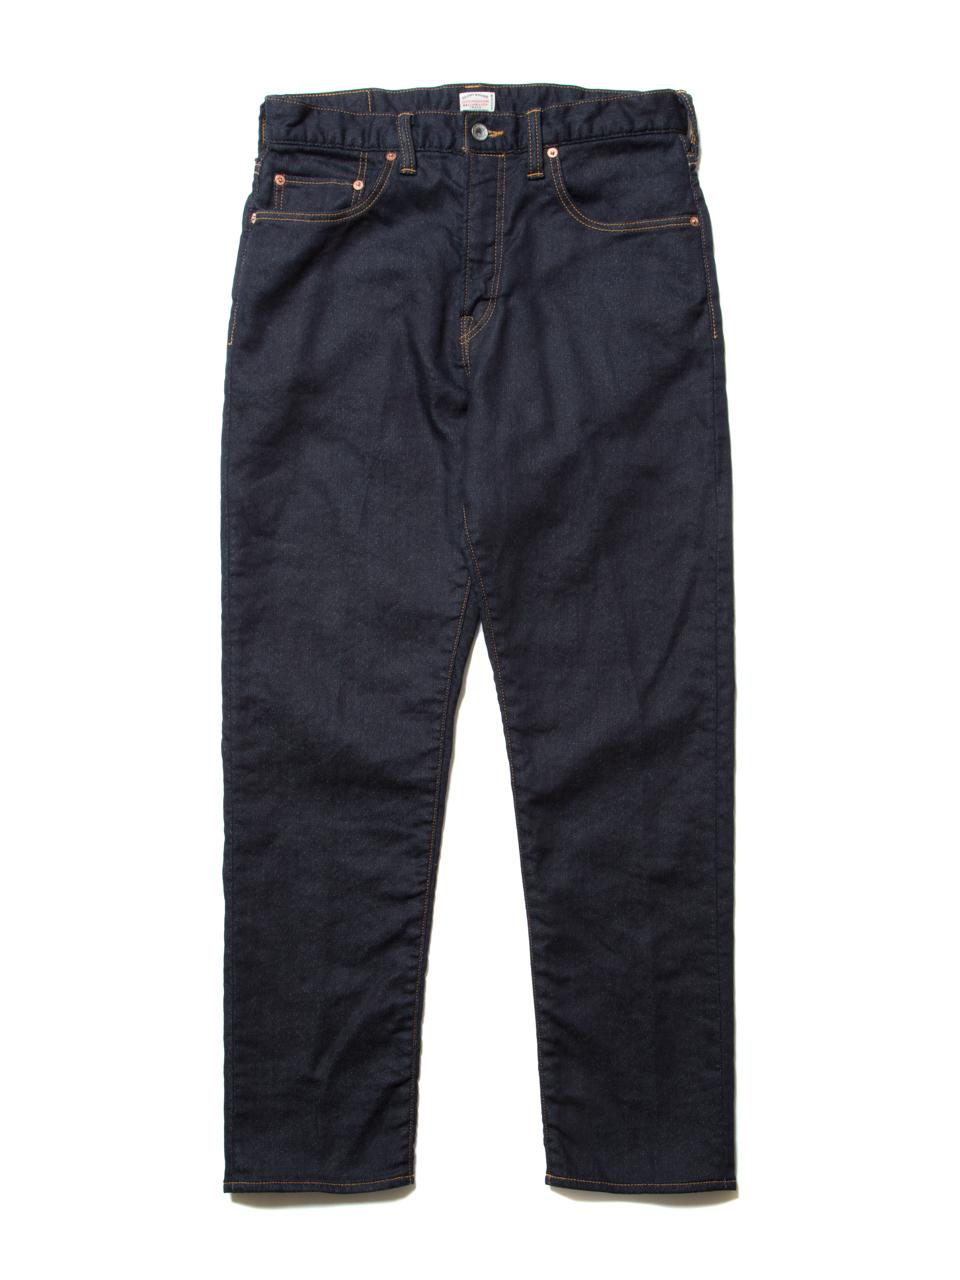 5 Pocket Loose Fit Knit Denim (1 Wash)